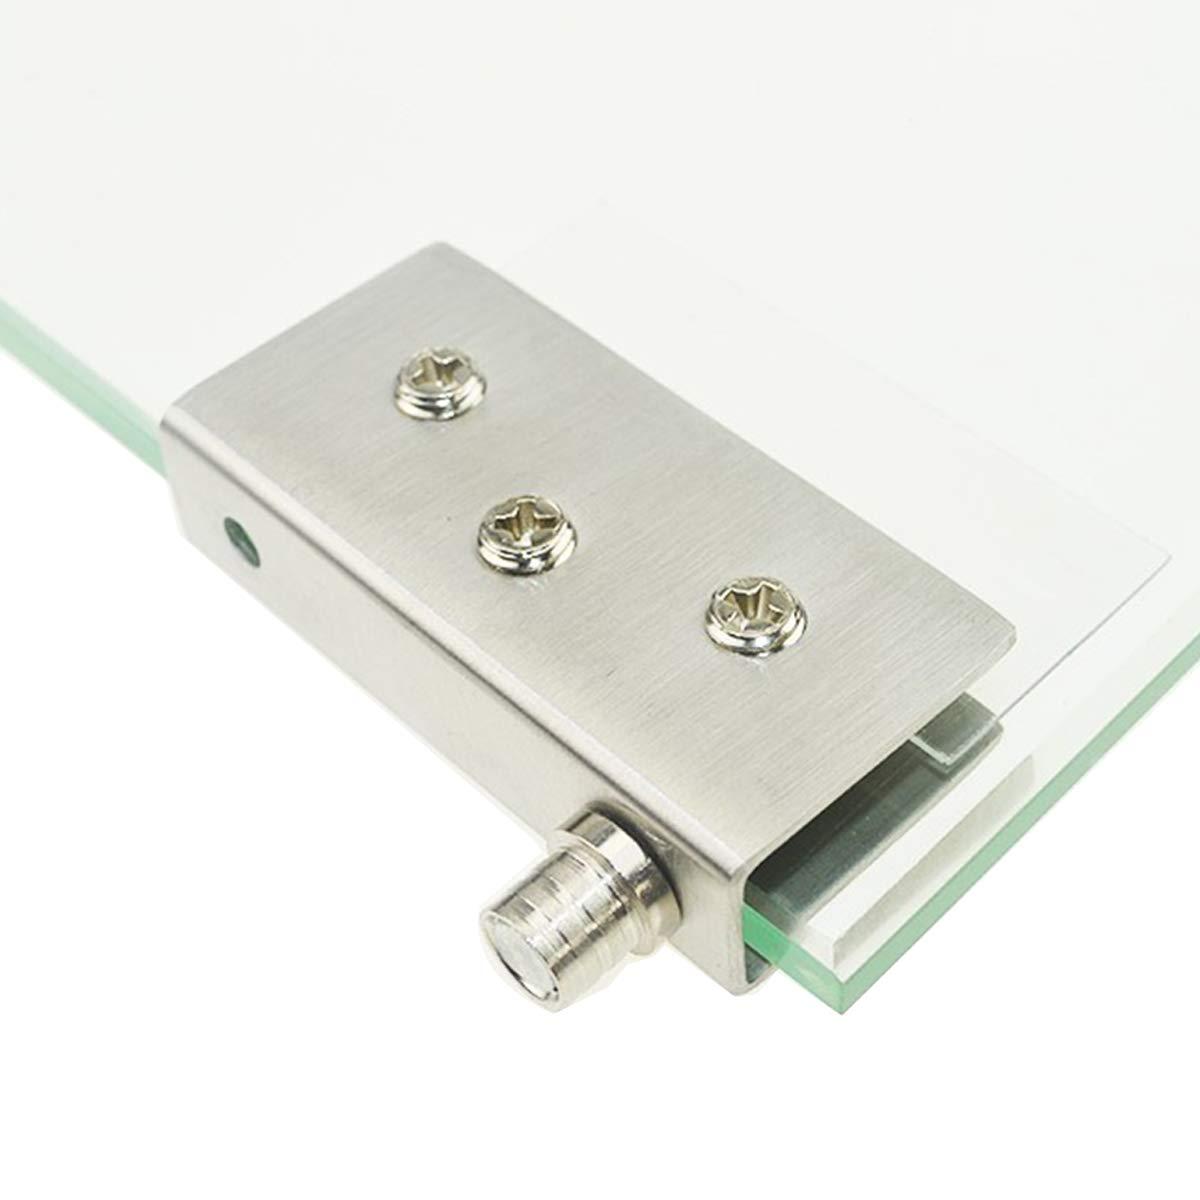 acero inoxidable apto para vidrio de 5-8 mm vidrio sin perforaci/ón Paquete de 4 bisagras para puertas de vidrio Bisagra pivotante de 90 /°